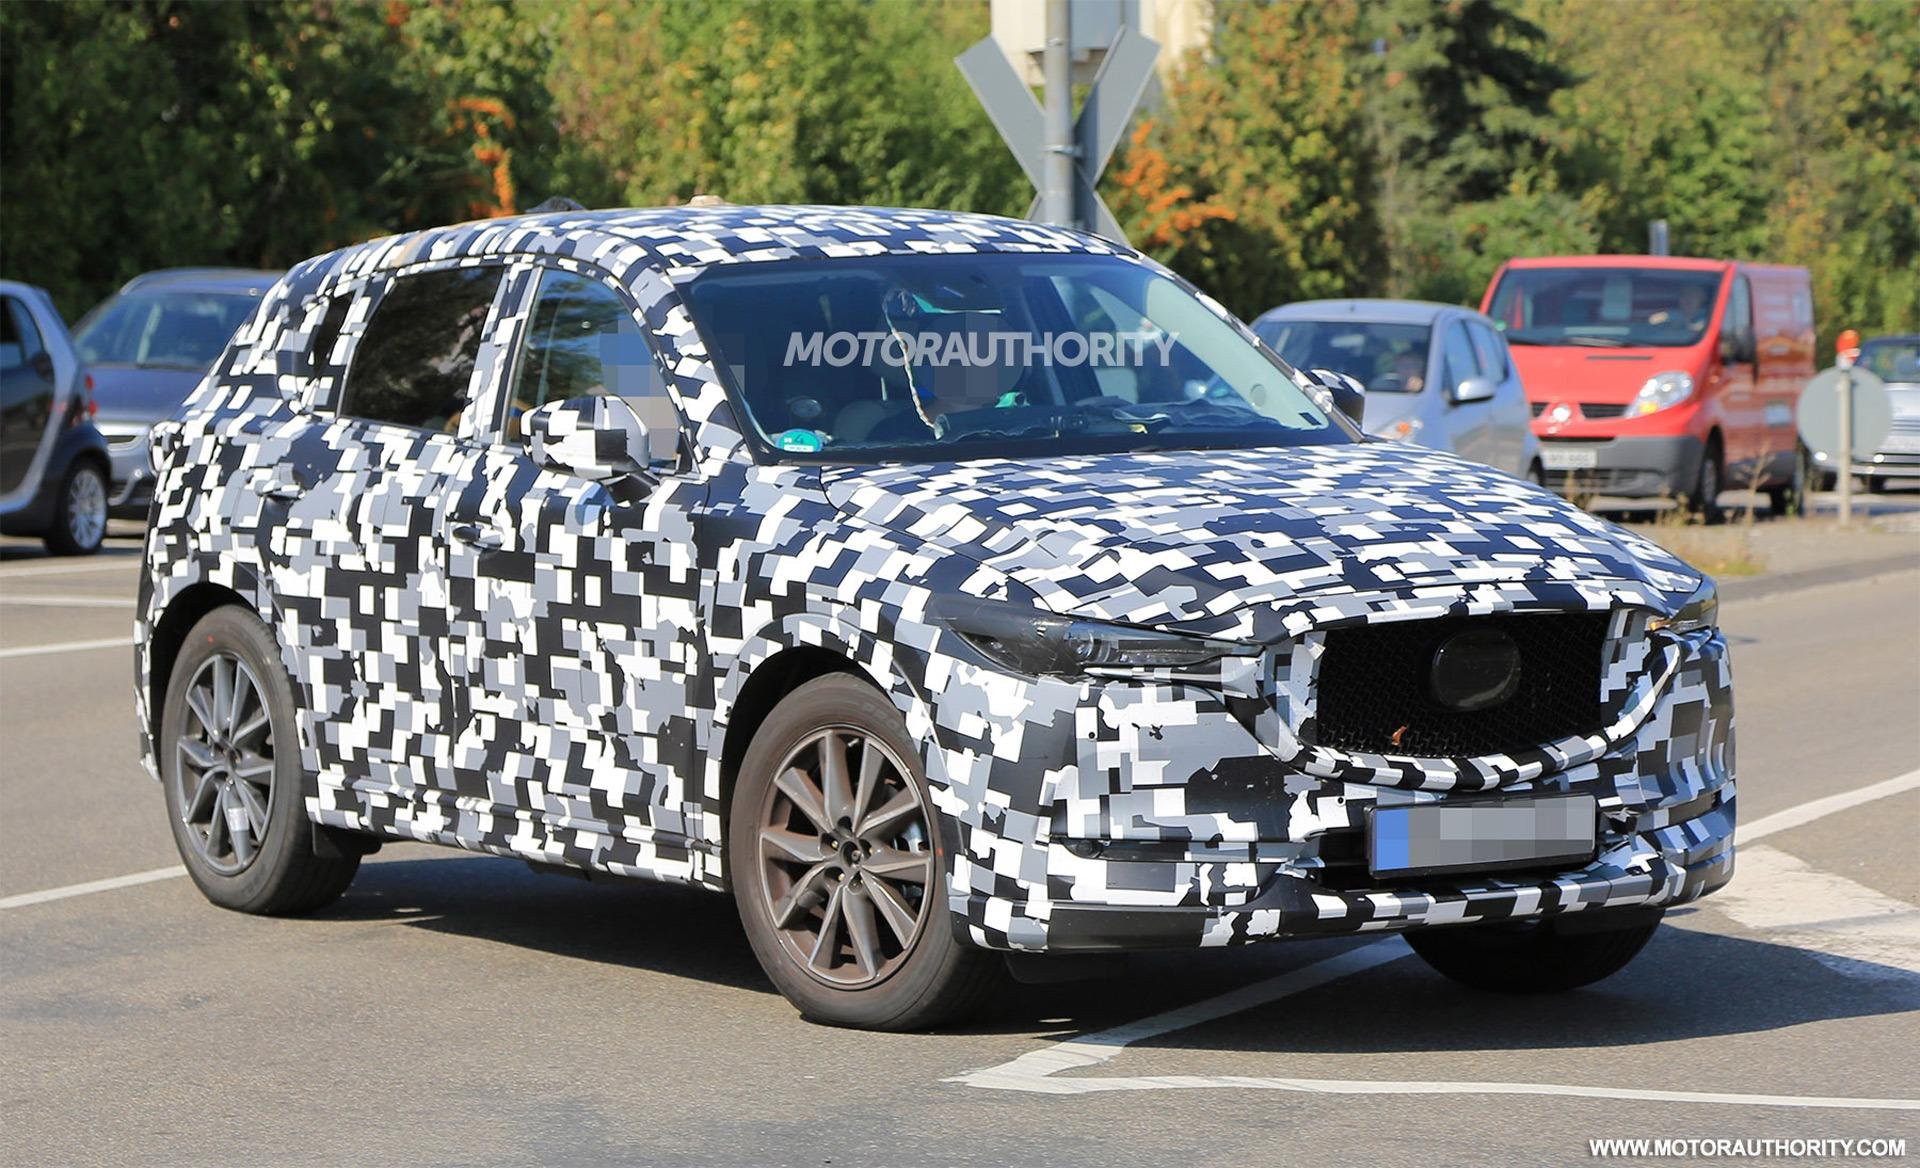 Как известно, для новой Mazda6 разрабатывают «тележку» с задним приводом и продольным расположением мотора. Теперь же появились слухи о том, что эту платформу могут использовать и для третьего поколения CX-5.